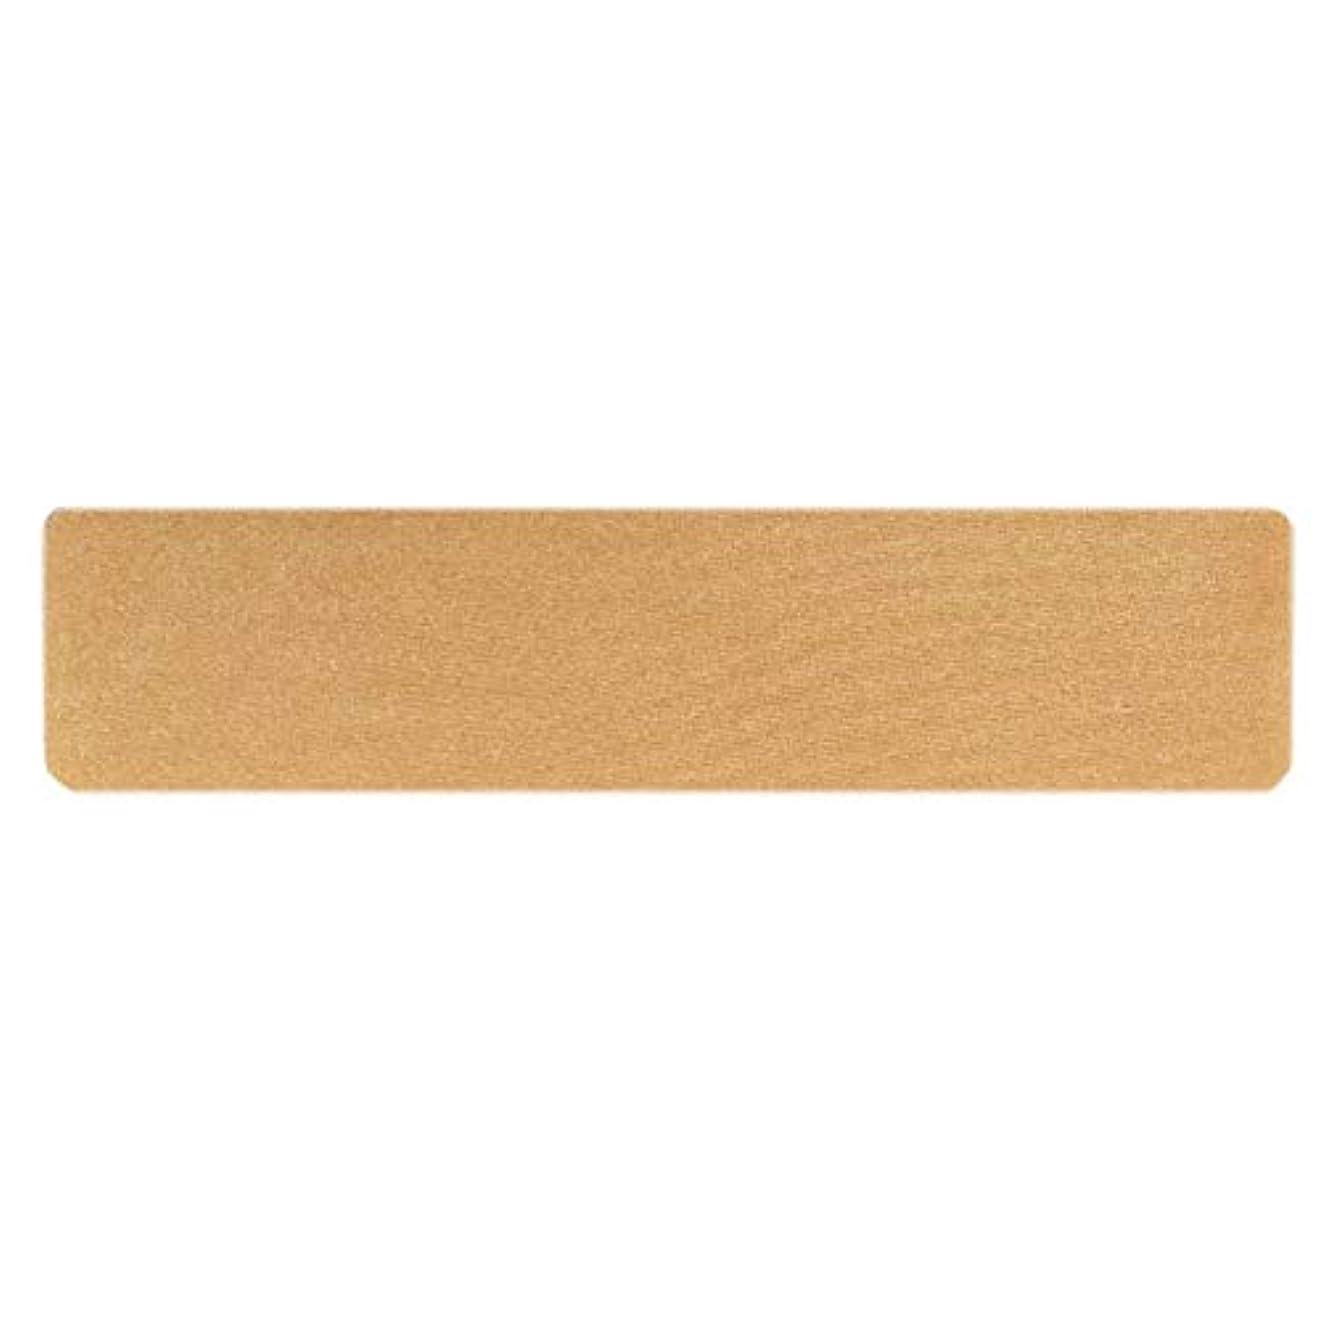 貸すマディソン立場弾力性シリコーン瘢痕ゲルアウェイストリップ貼り付け医療外傷熱傷皮膚修復瘢痕治療パッチRemovel瘢痕 - 皮膚